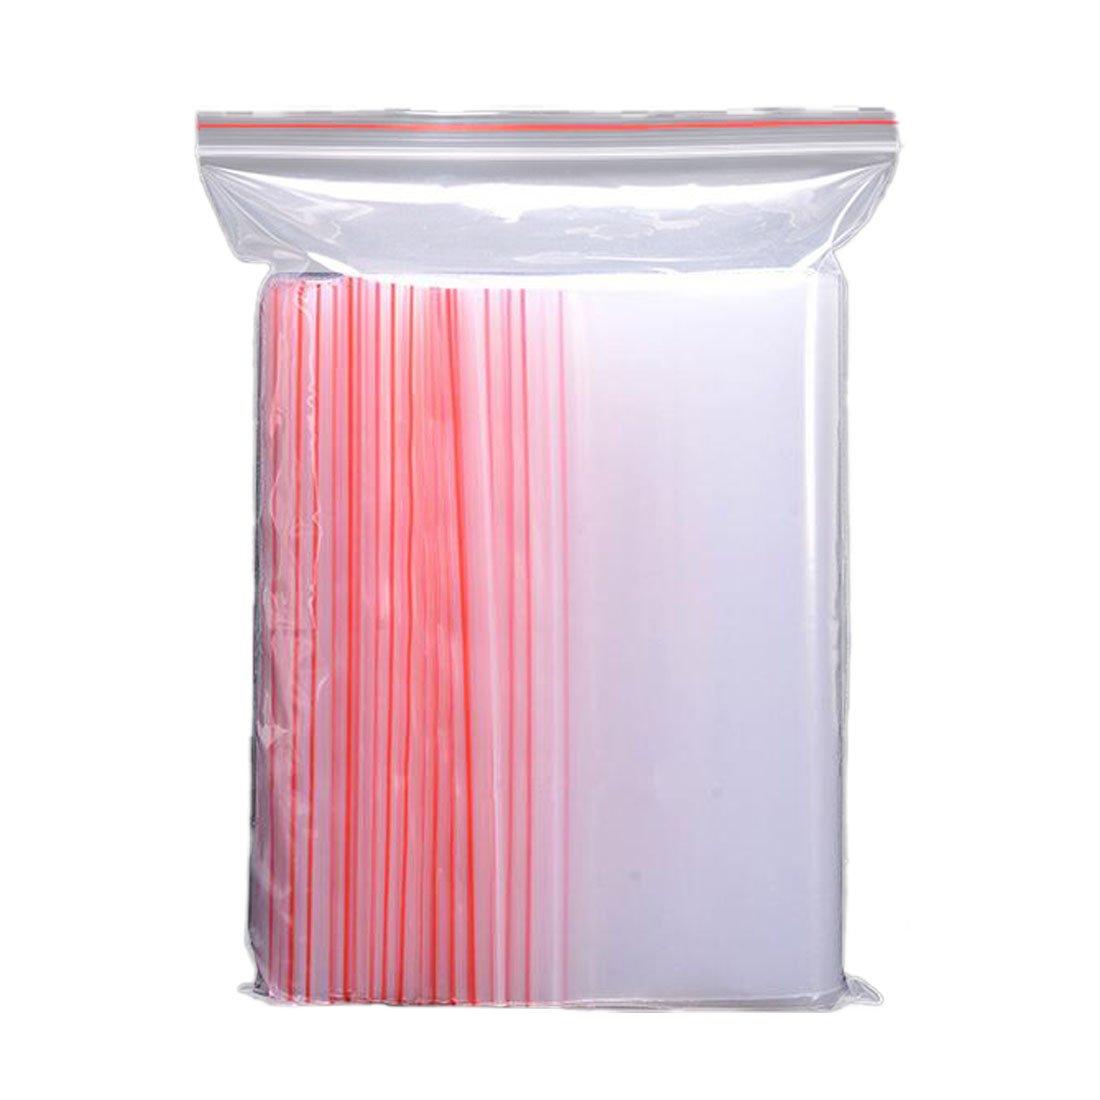 Rongwen Lot de 100sachets refermables avec fermeture zip avec ligne Rouge, Plastique, 4*6cm